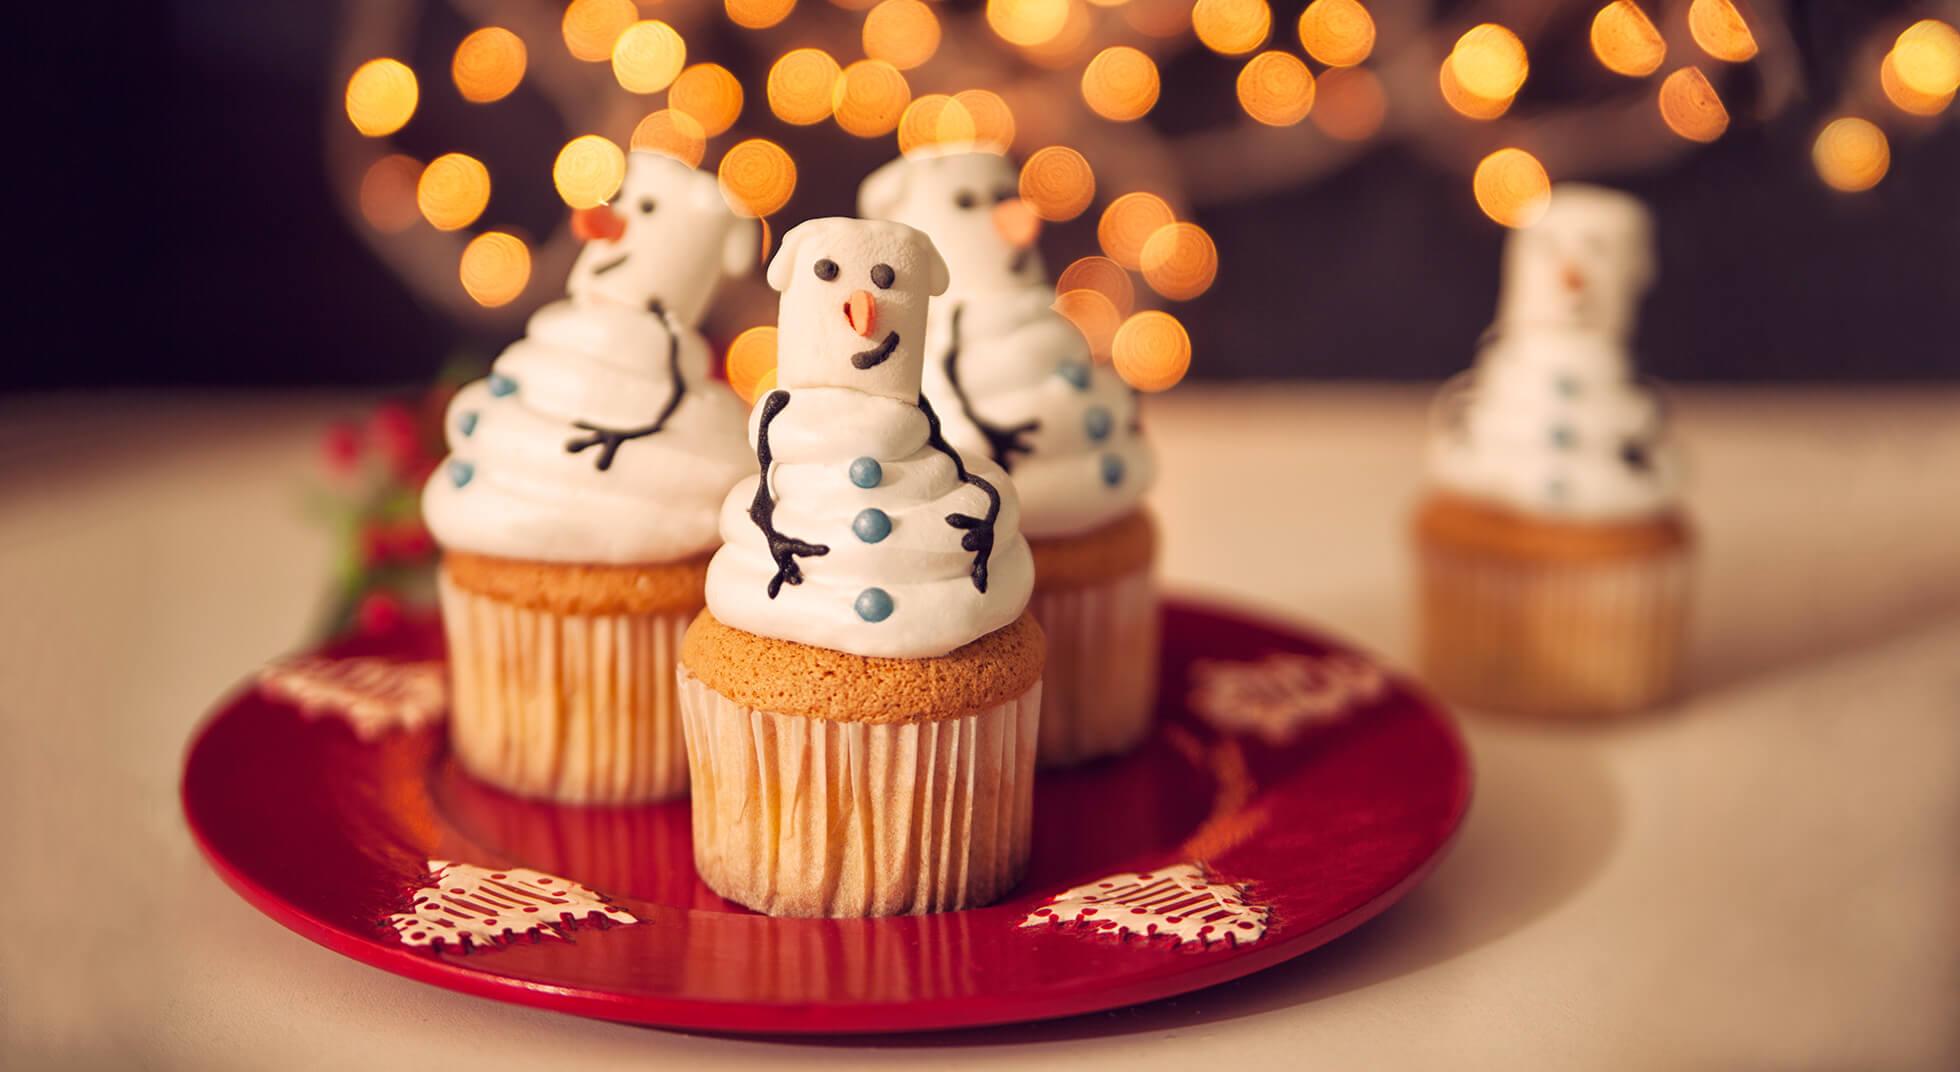 ТОП-7 десертов/тортов на Новый год